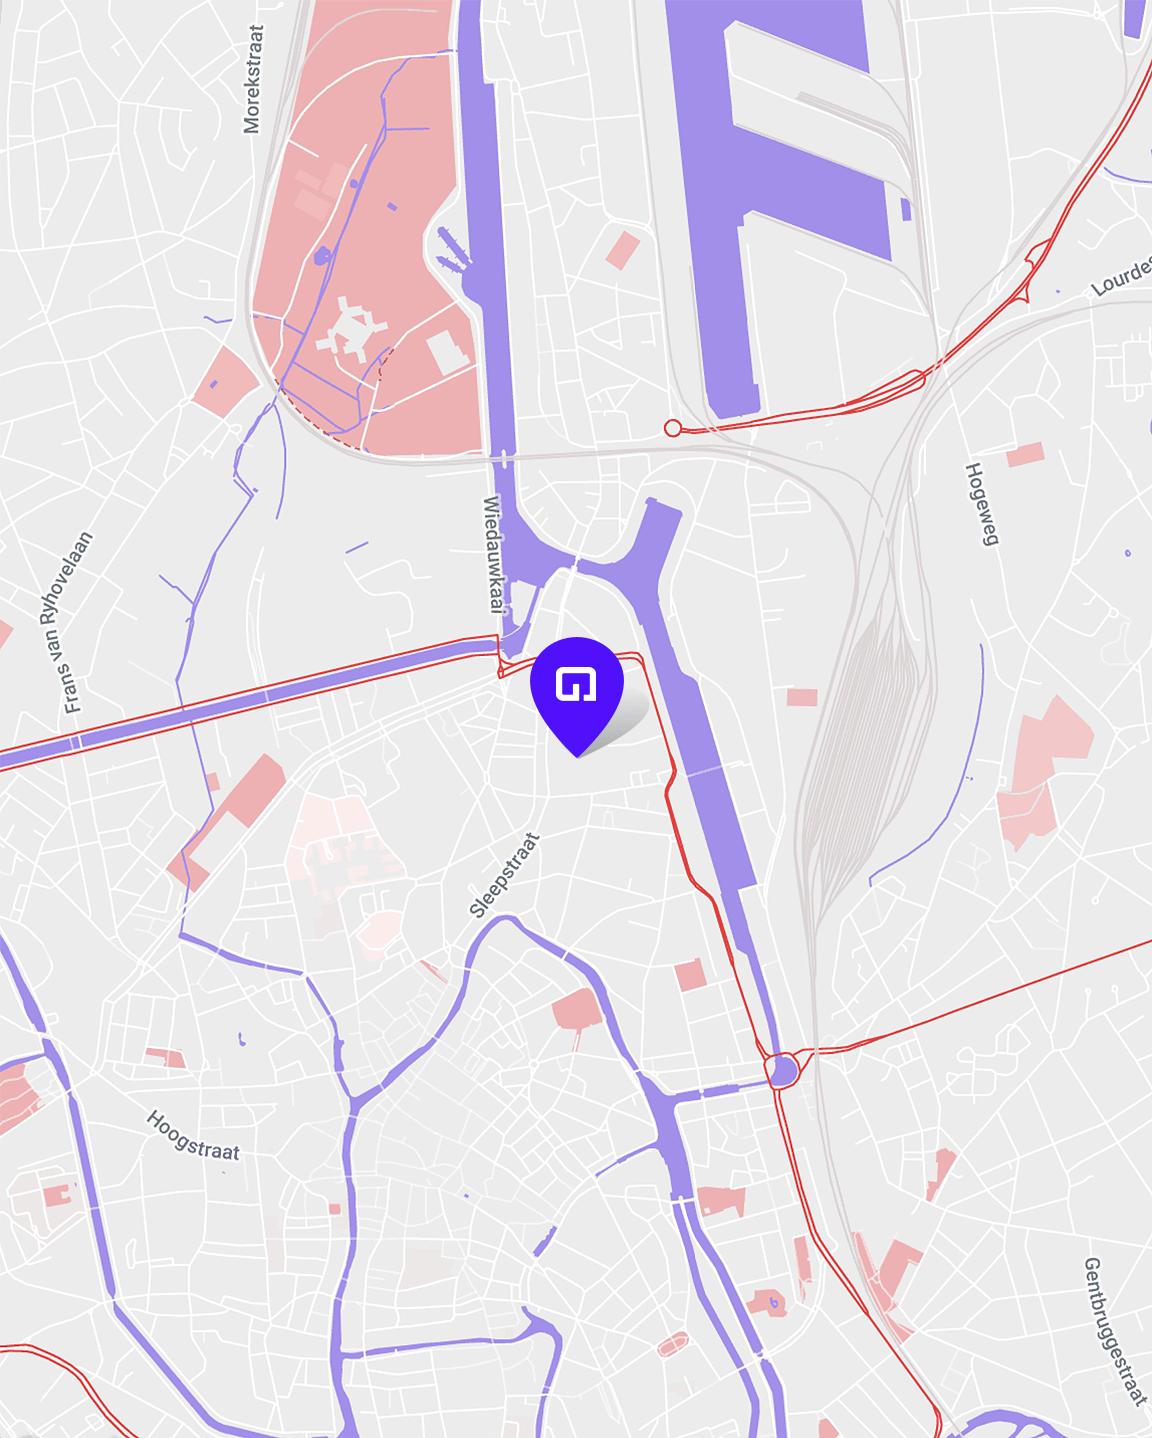 Glue map